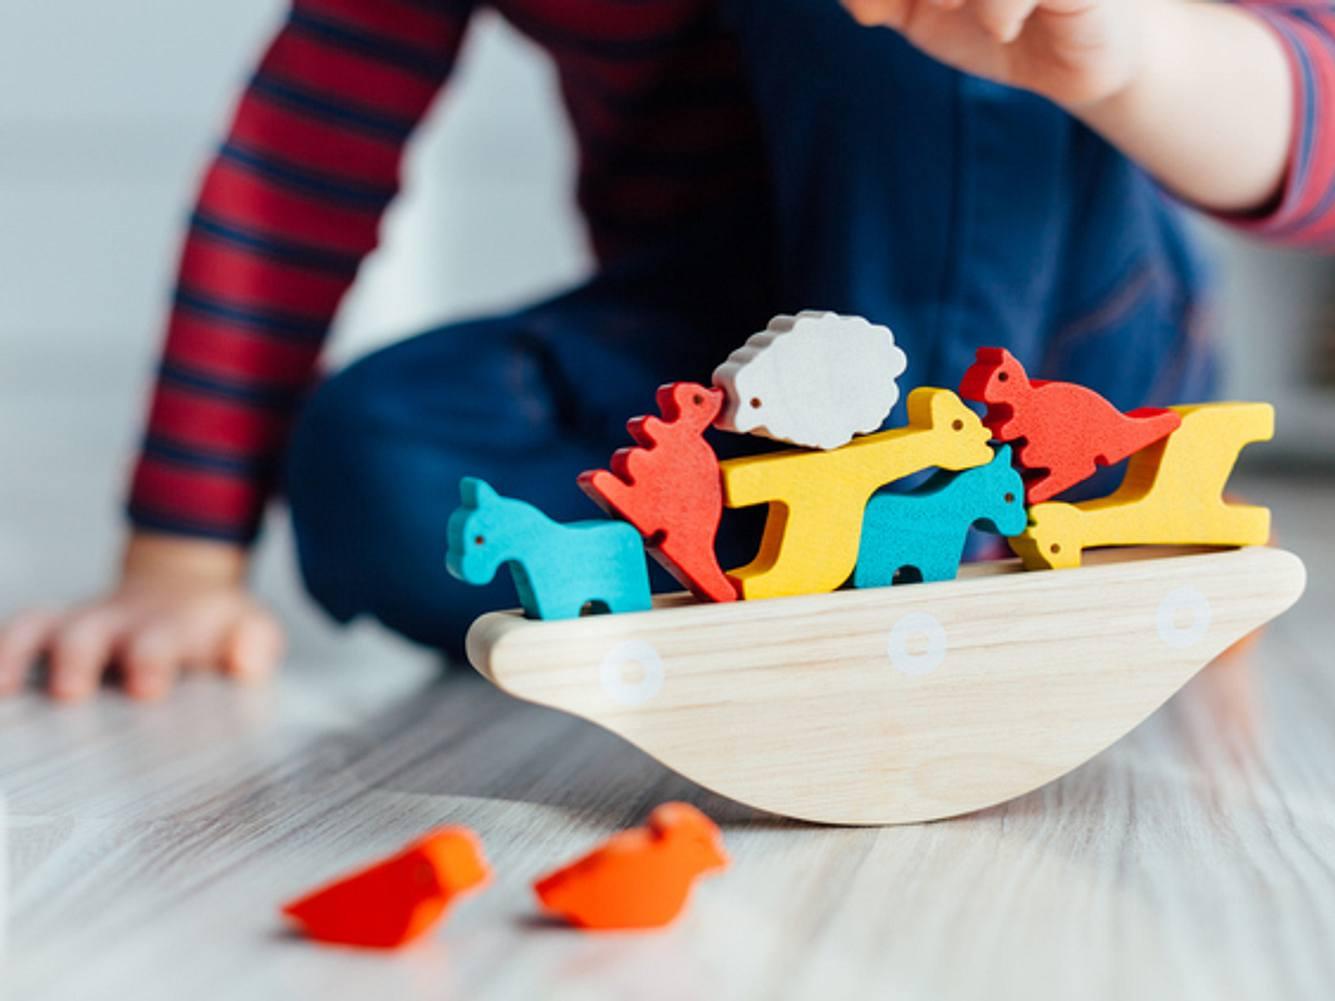 Kind spielt mit Bauernhof-Tieren aus Holz